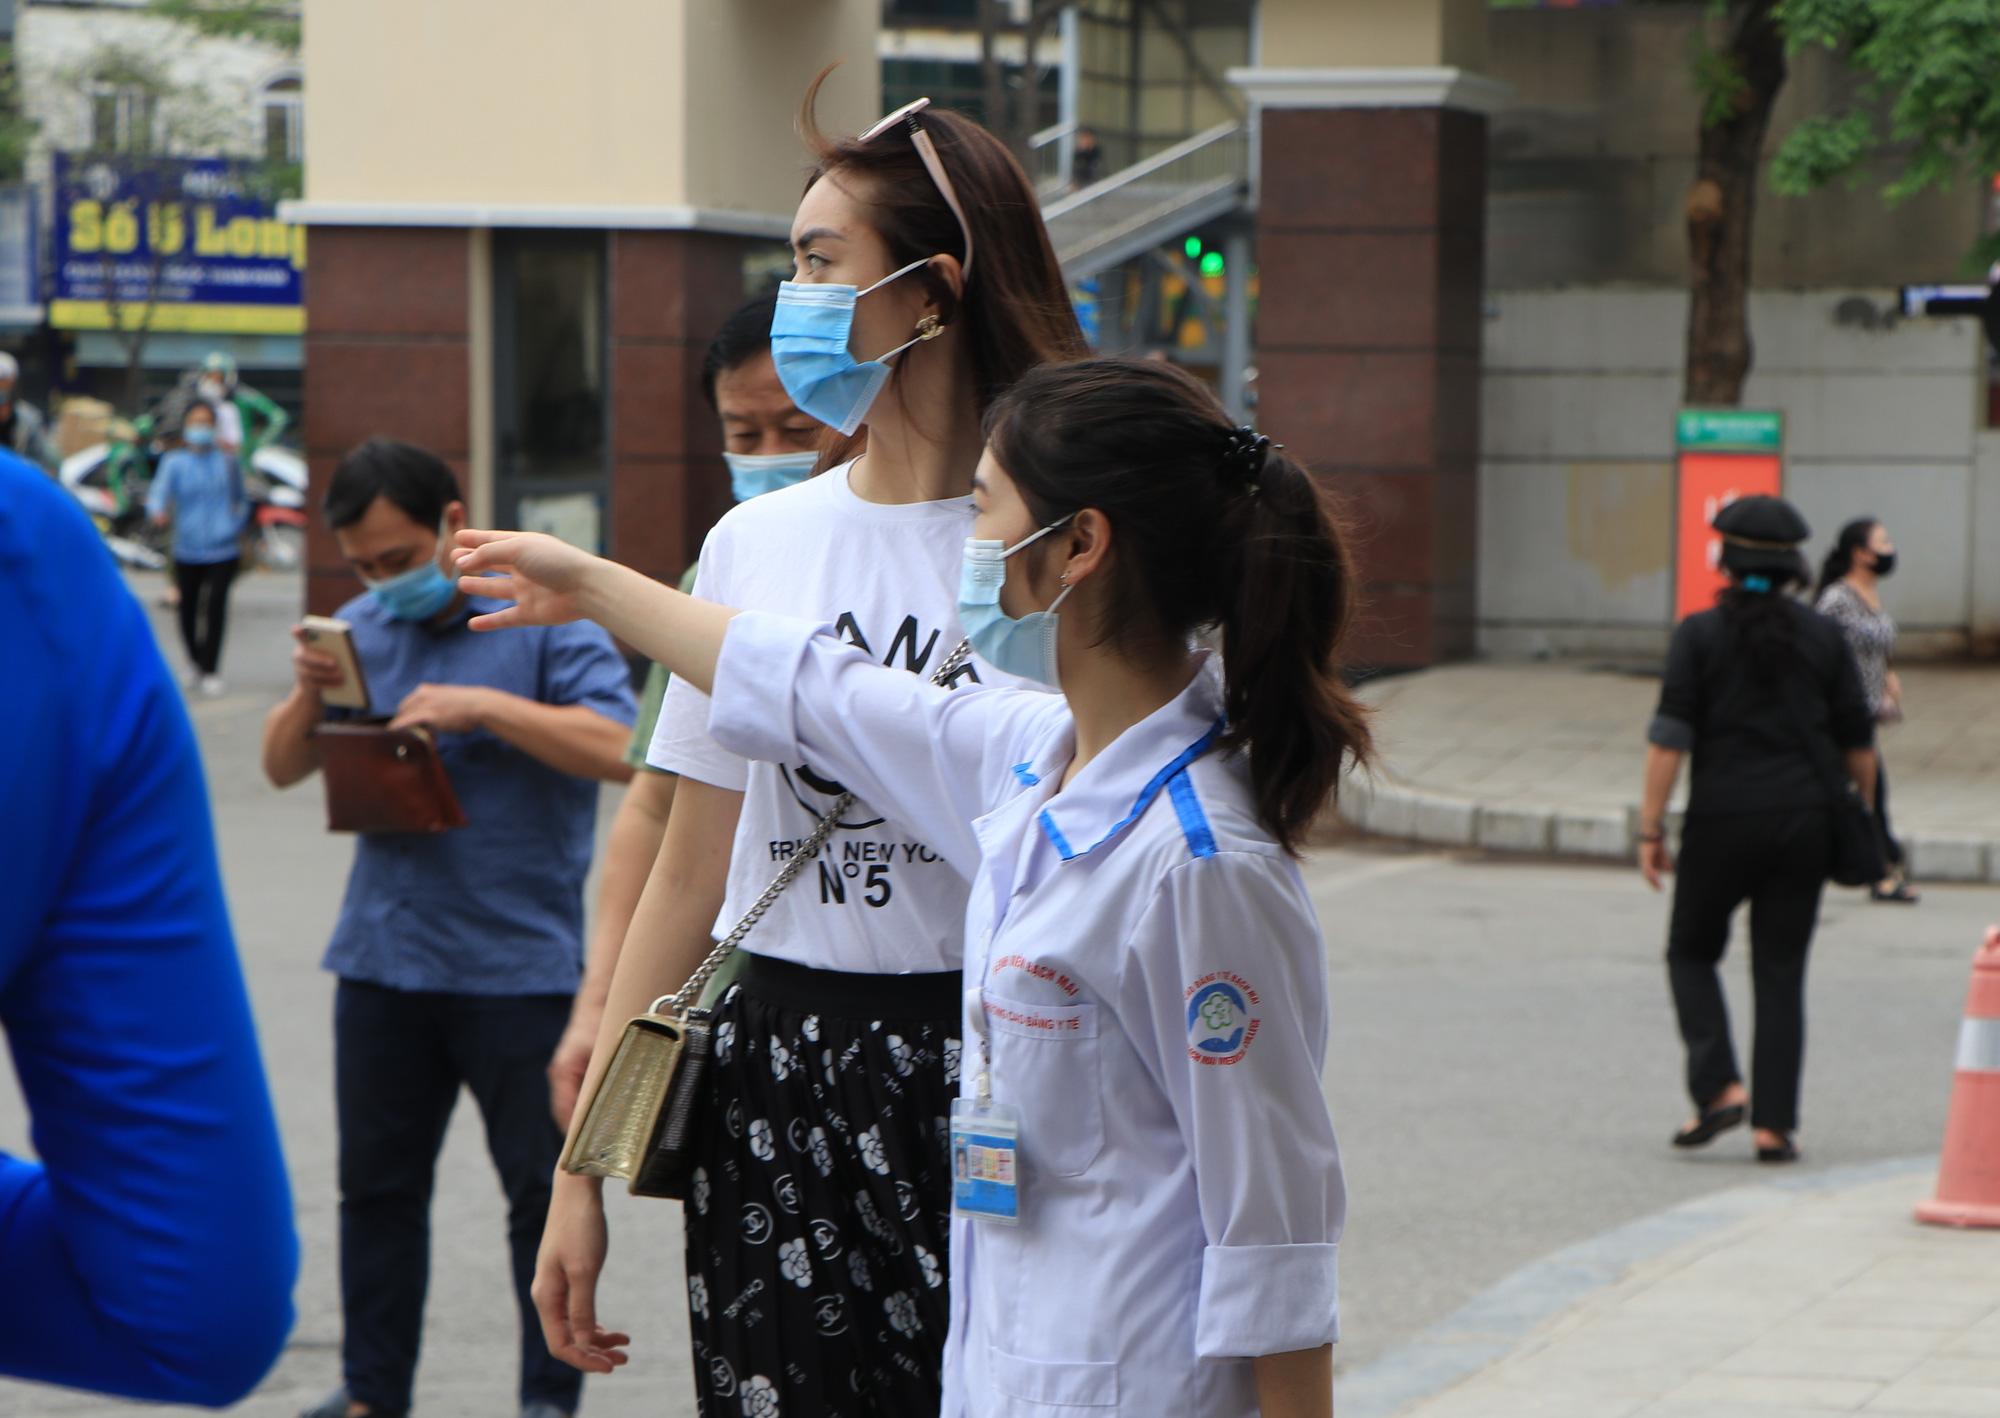 """Phó giám đốc Bệnh viện Bạch Mai: """"Sẽ dần triệt tiêu thu nhập không đúng, những nhóm lợi ích"""" - Ảnh 4."""